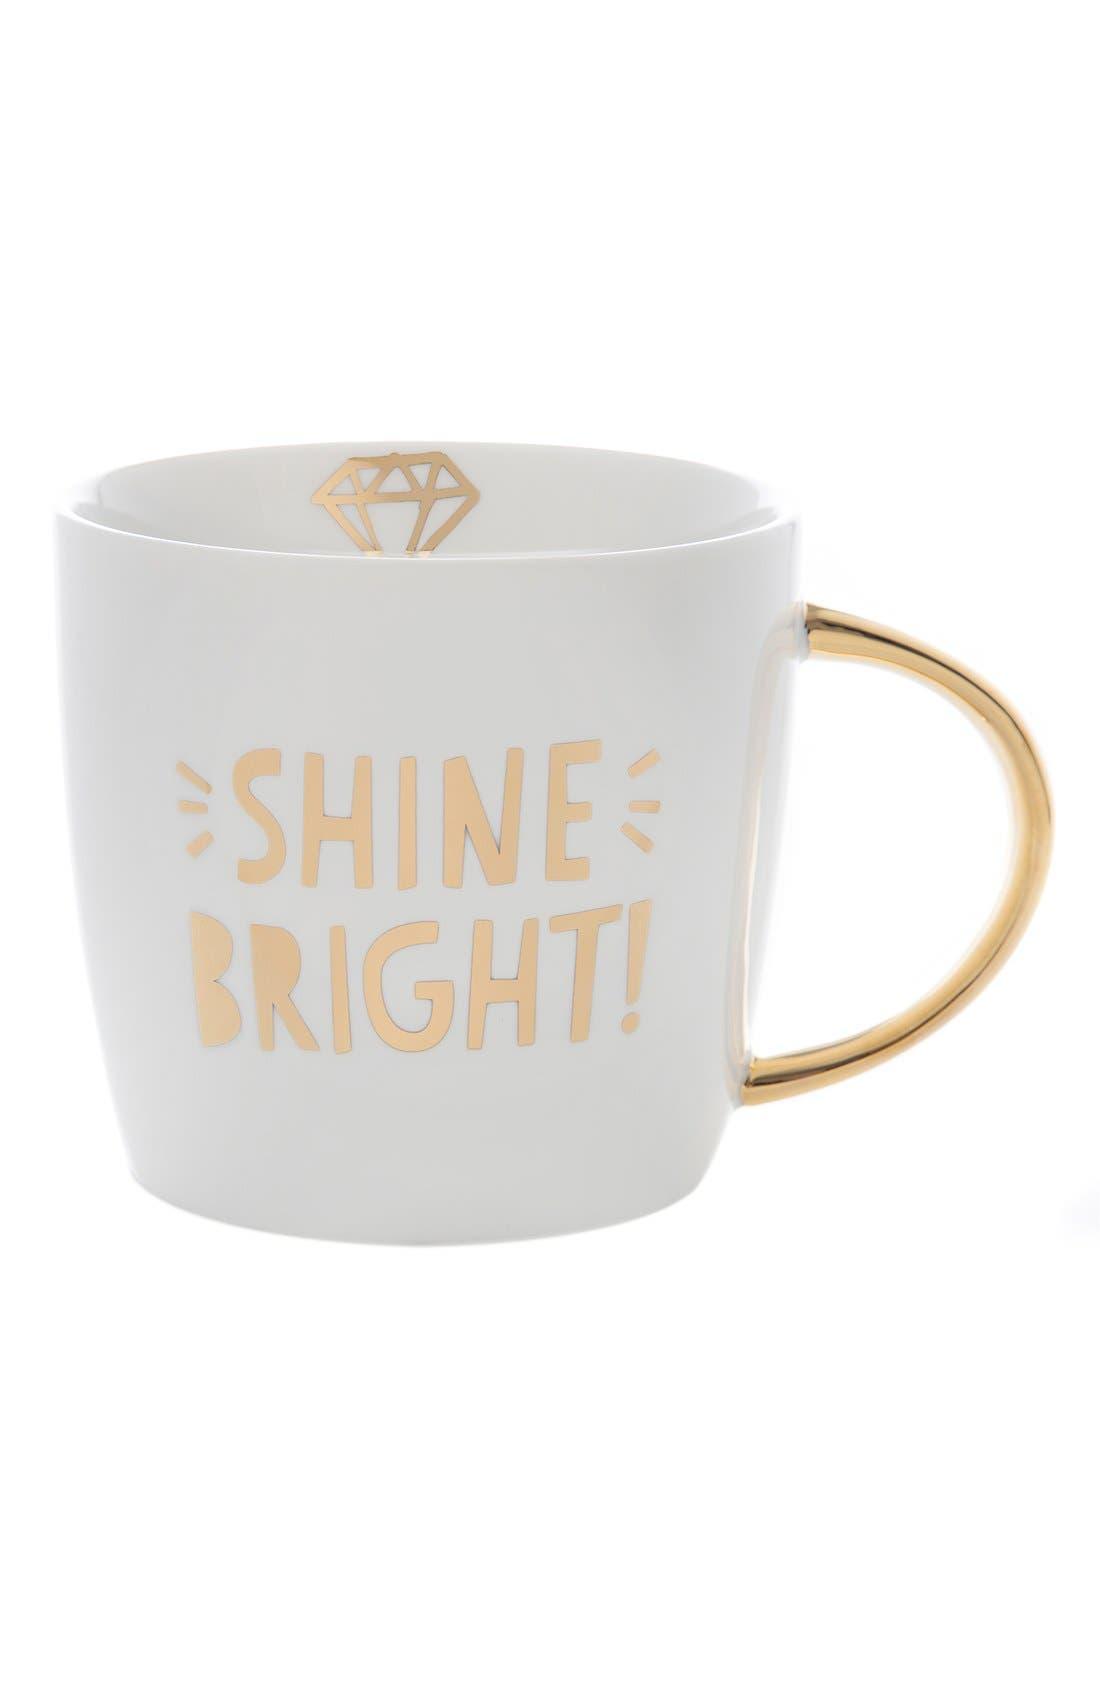 'Shine Bright' Mug,                             Main thumbnail 1, color,                             100